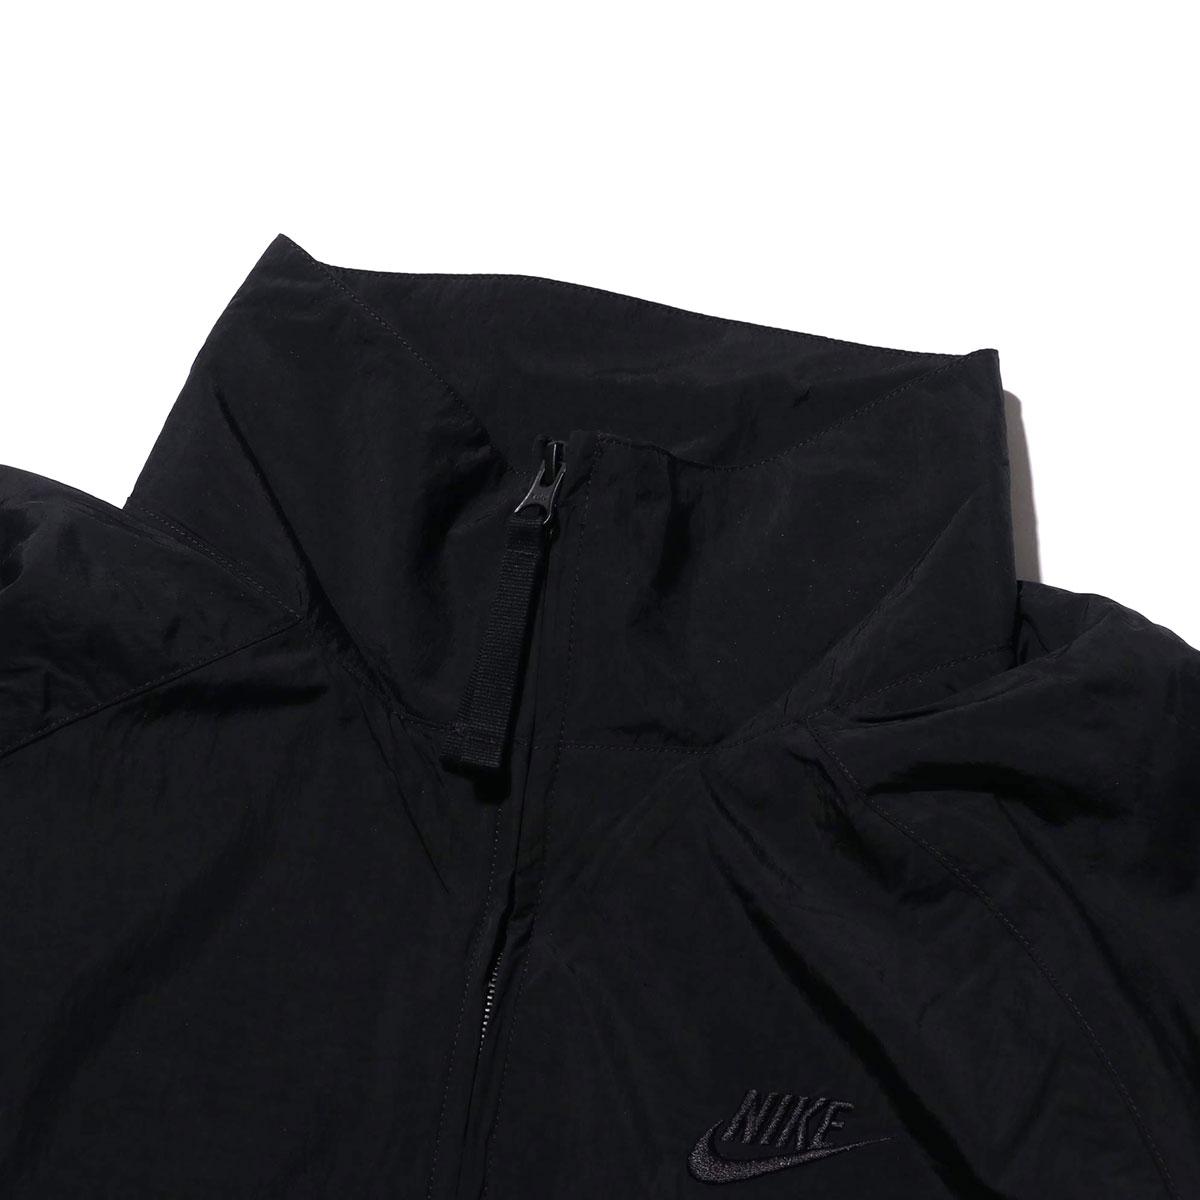 (冬季出清)【NIKE】Sportswear 大LOGO外套 編織外套 外套 黑 男女 AR3133-010 (palace store) 3